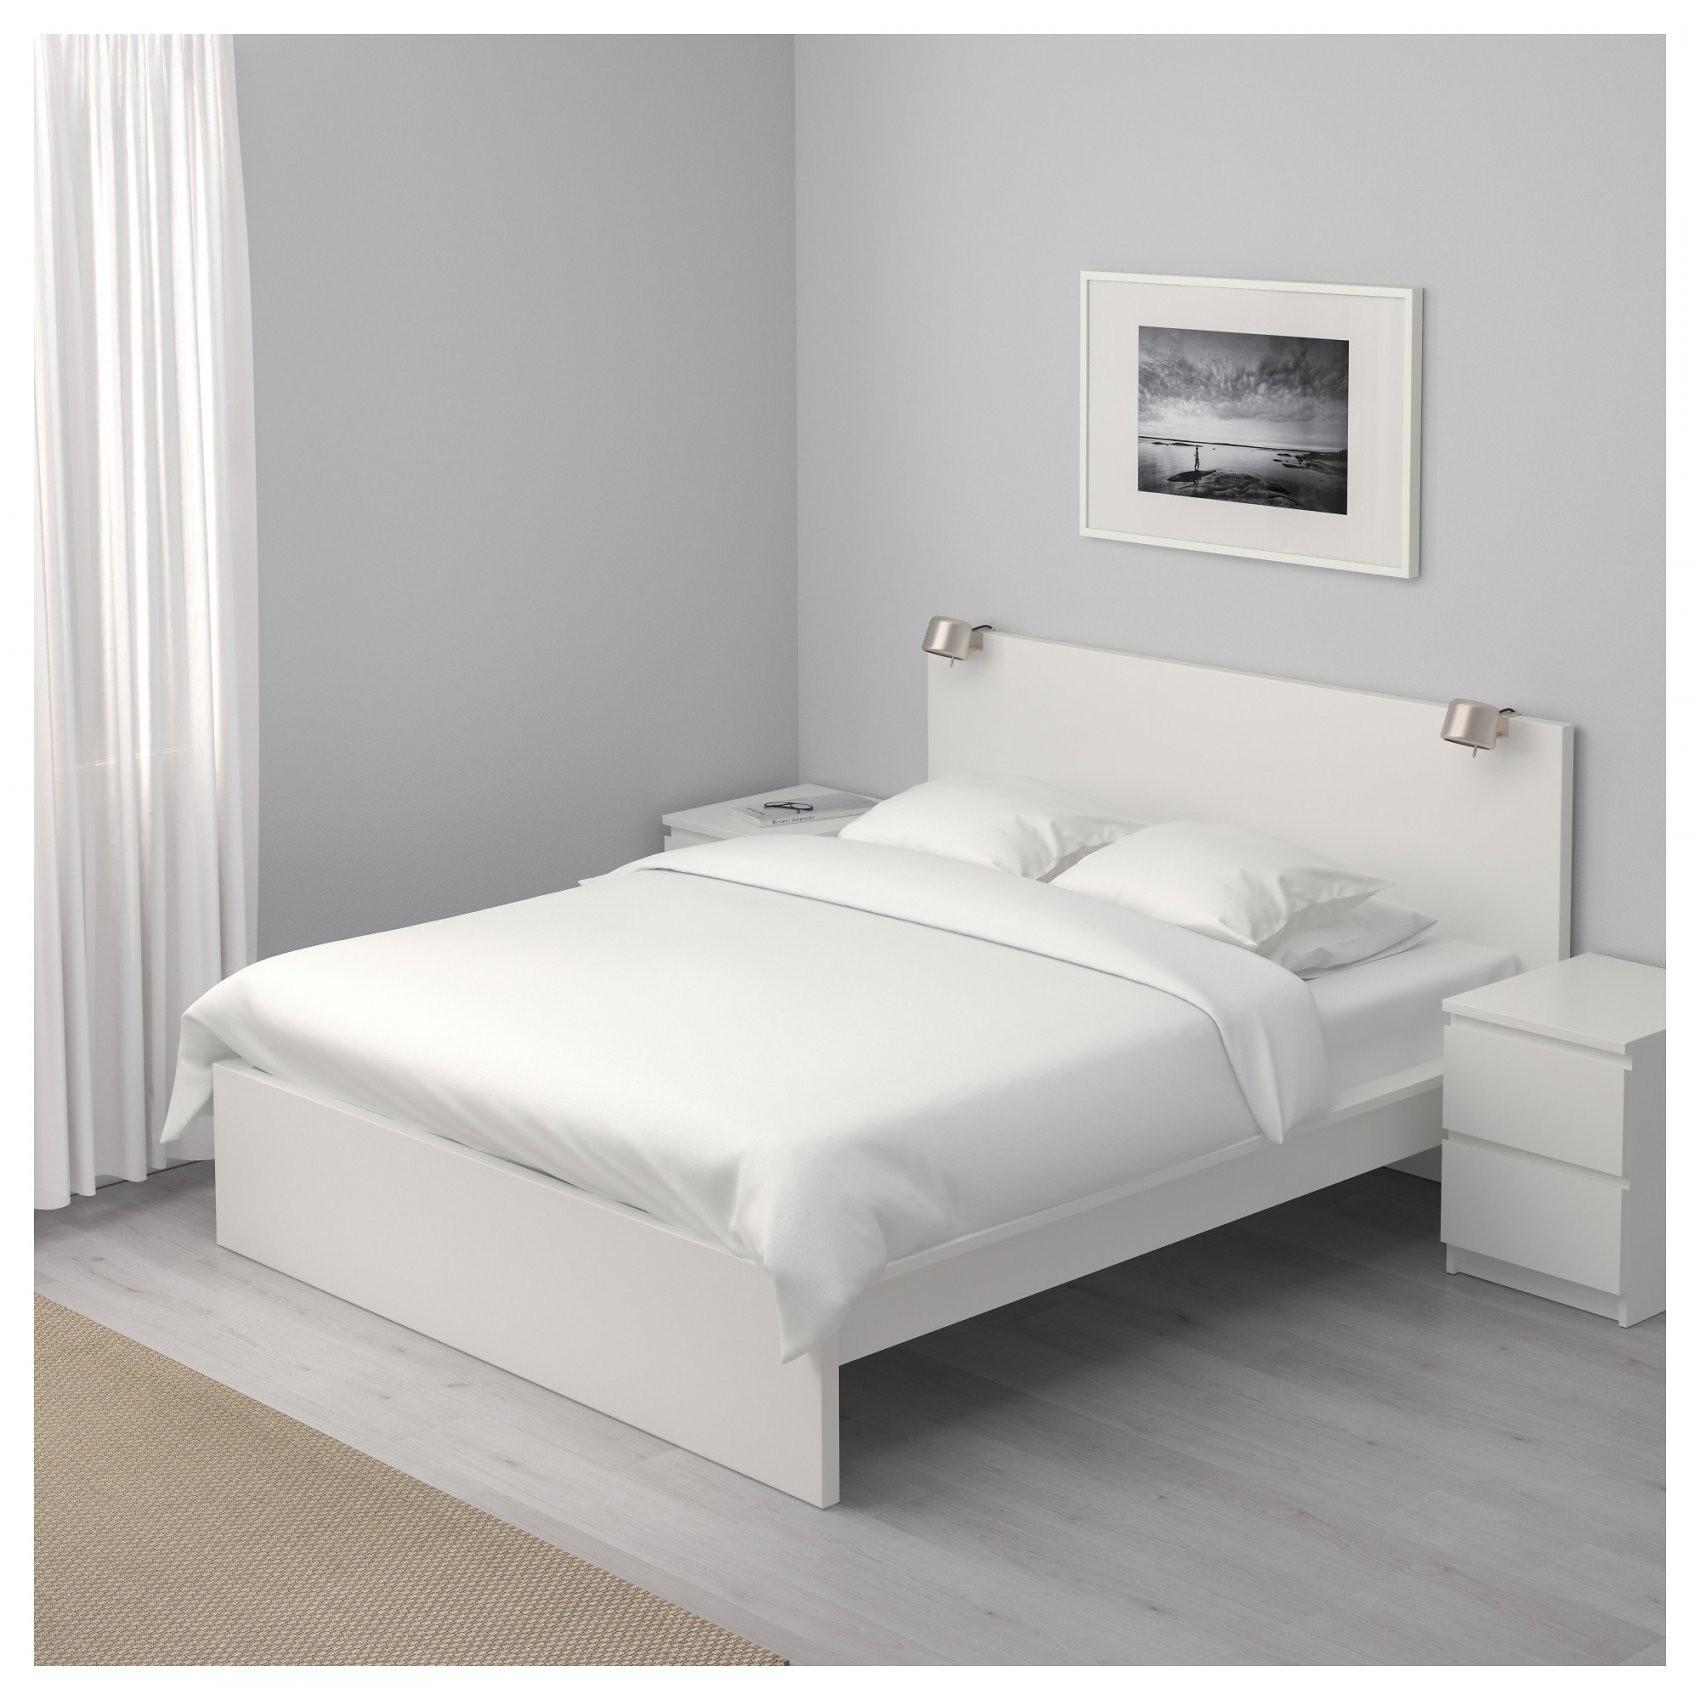 Malm Bettgestell Hoch  140X200 Cm  Weiß  Ikea von Malm Bett 140X200 Weiß Bild